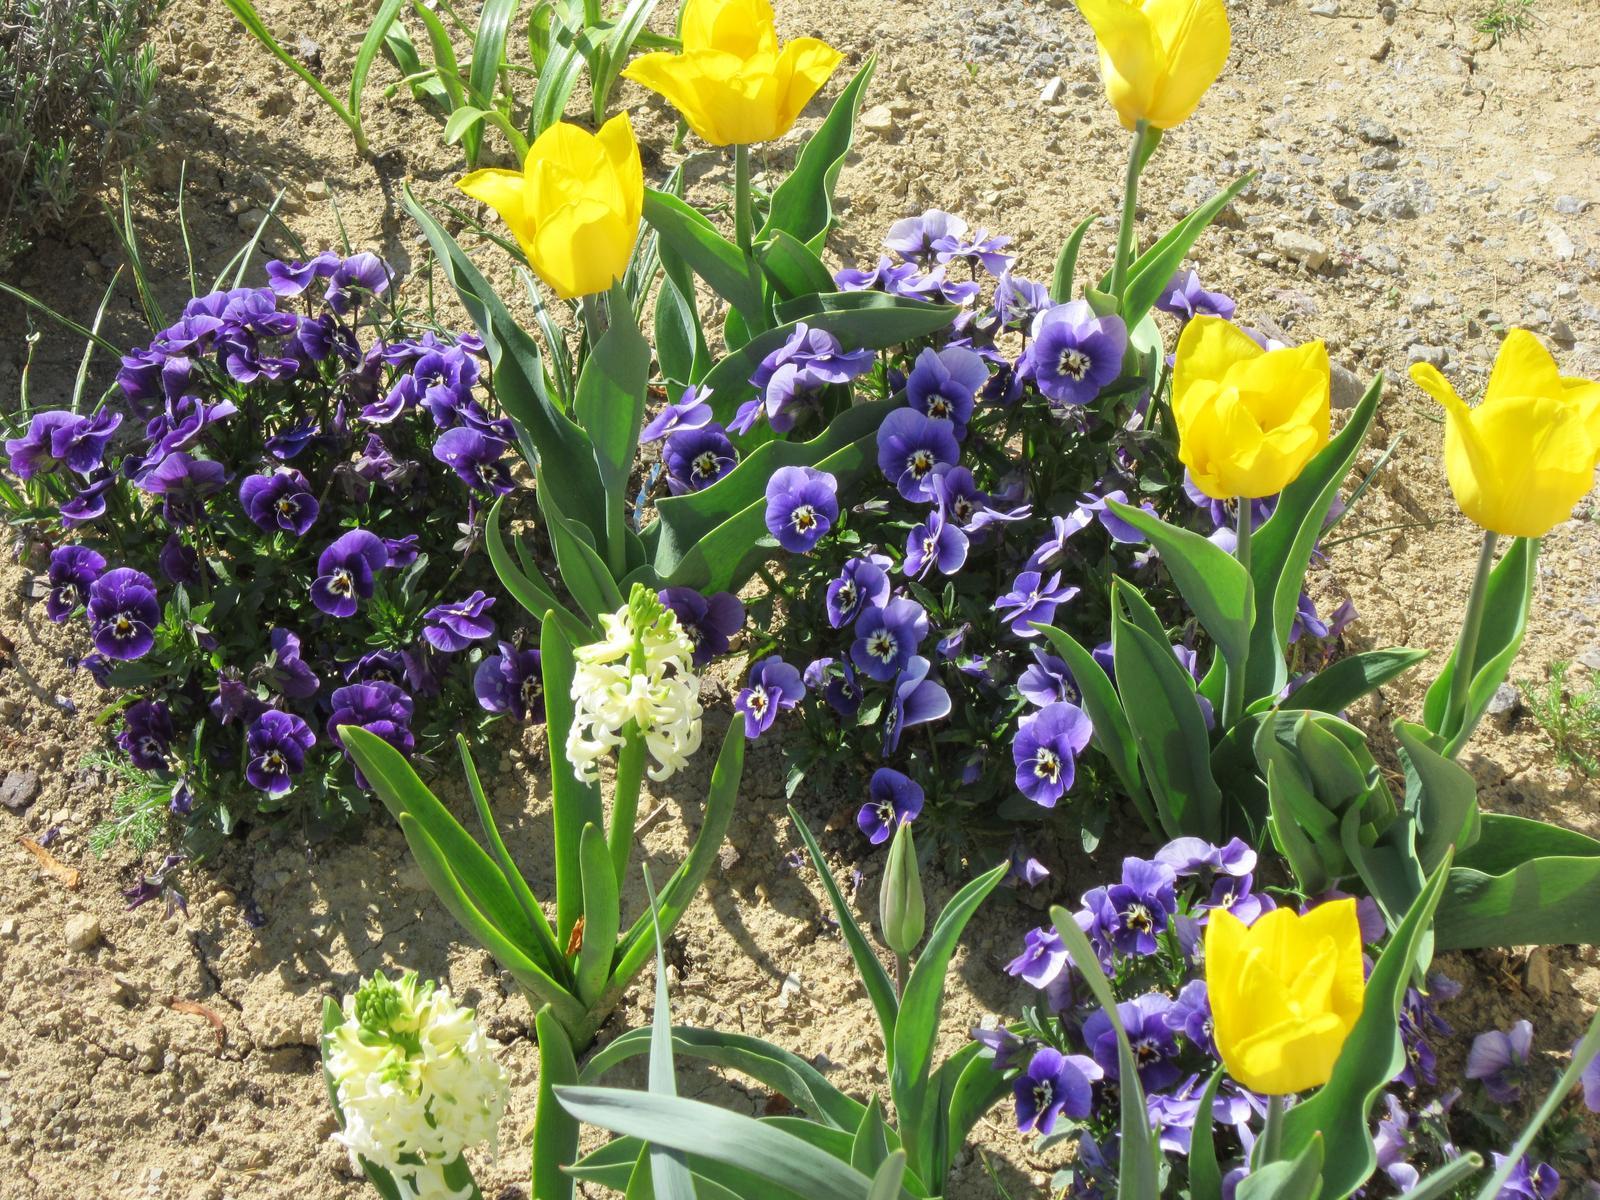 Moja záhrada...ako šiel čas - Obrázok č. 8